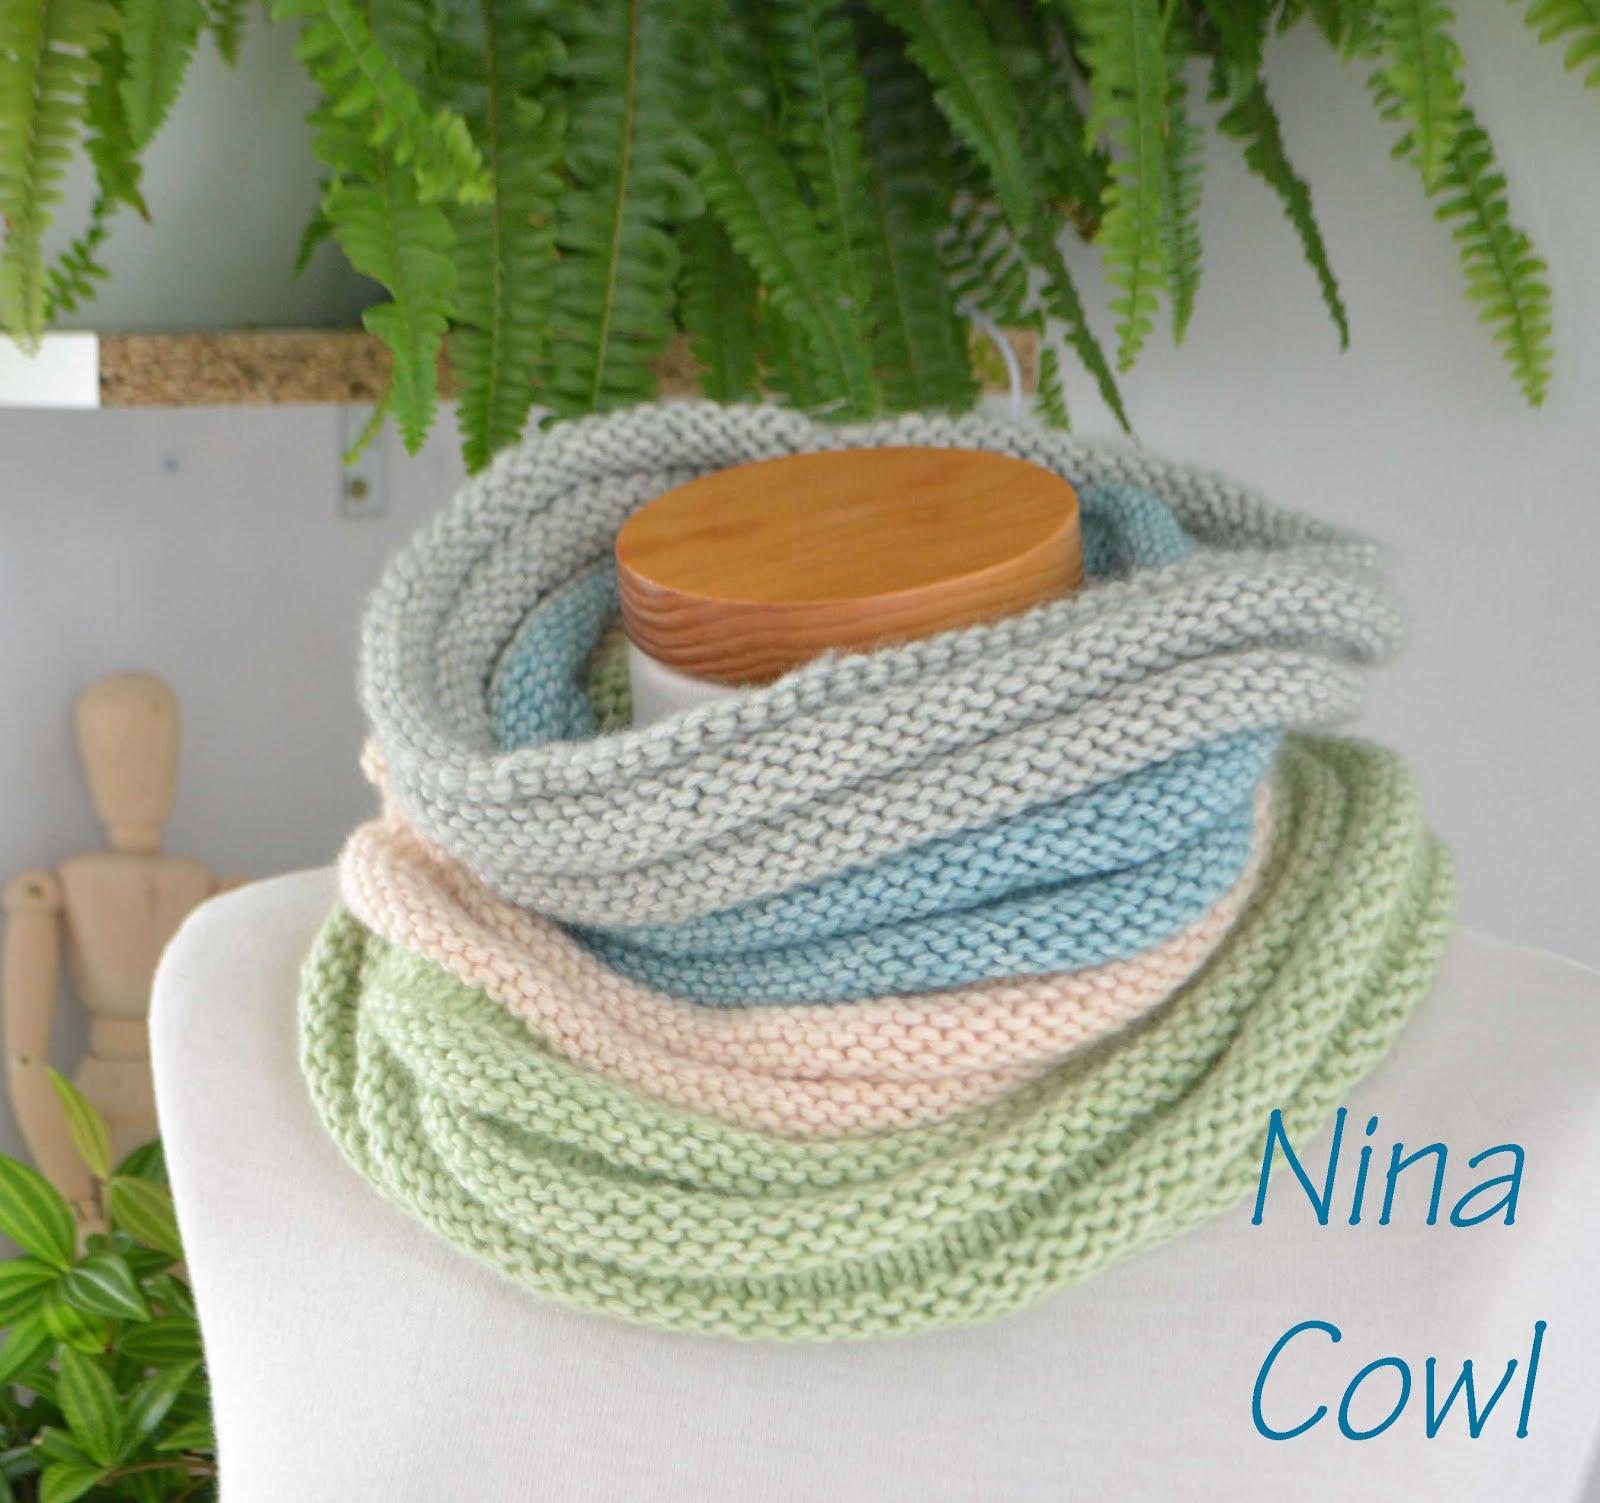 Nina Cowl